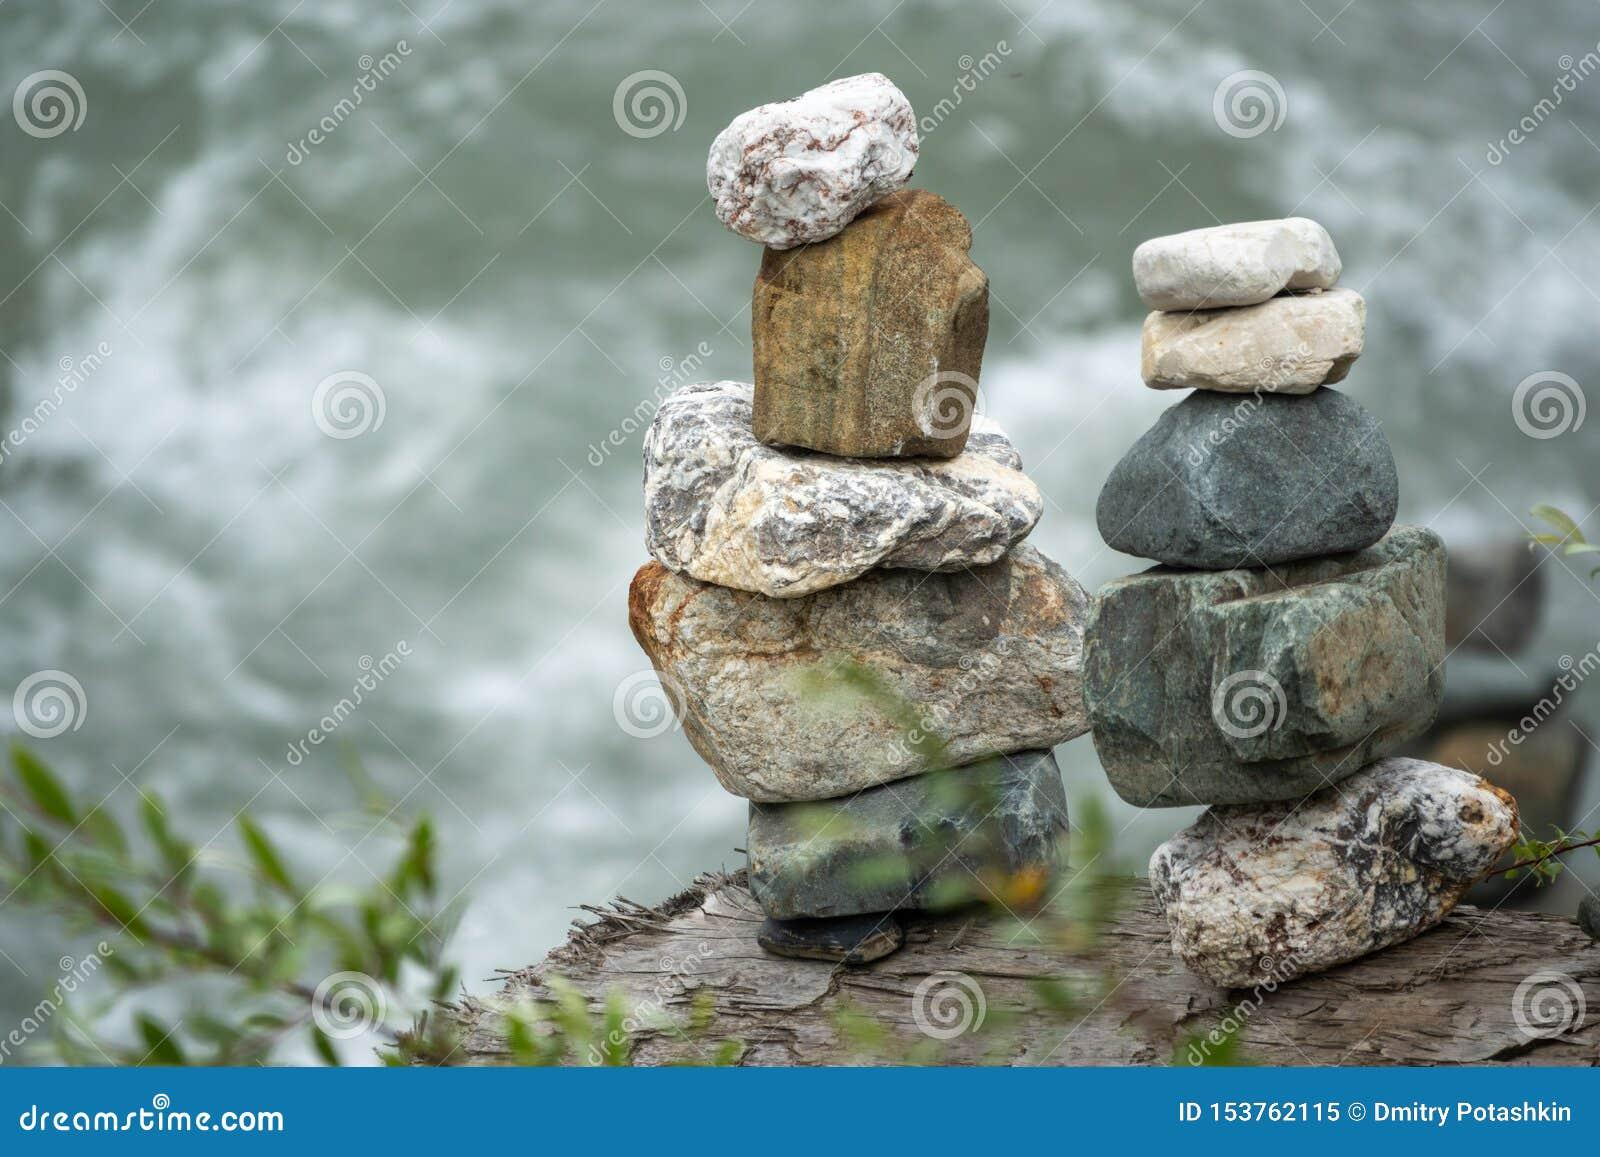 In evenwicht brengende stenen in evenwicht tegen de achtergrond van een bergrivier